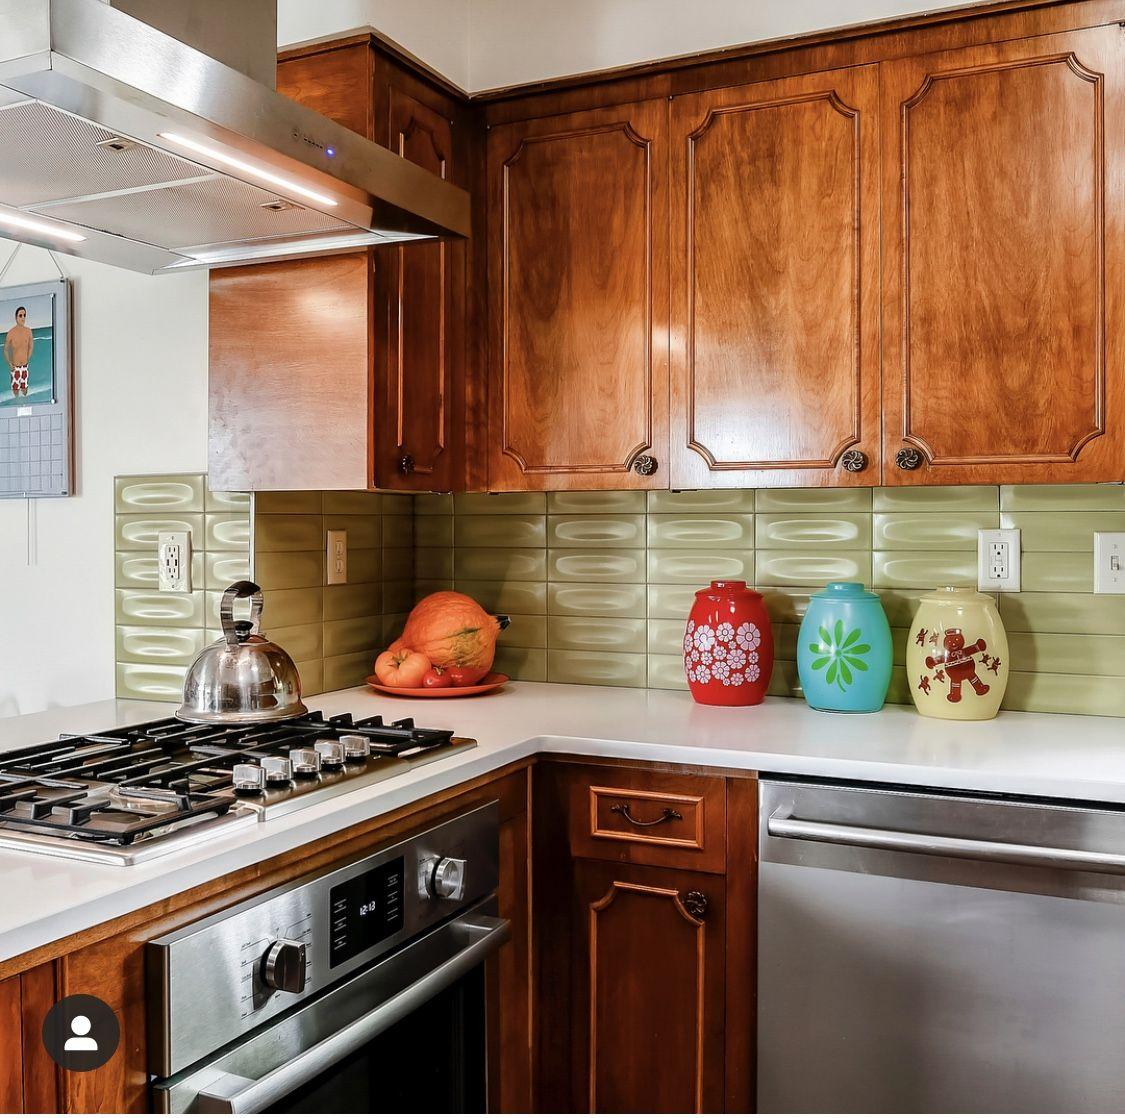 Avocado green backsplash 😍 Kitchen inspirations, Green